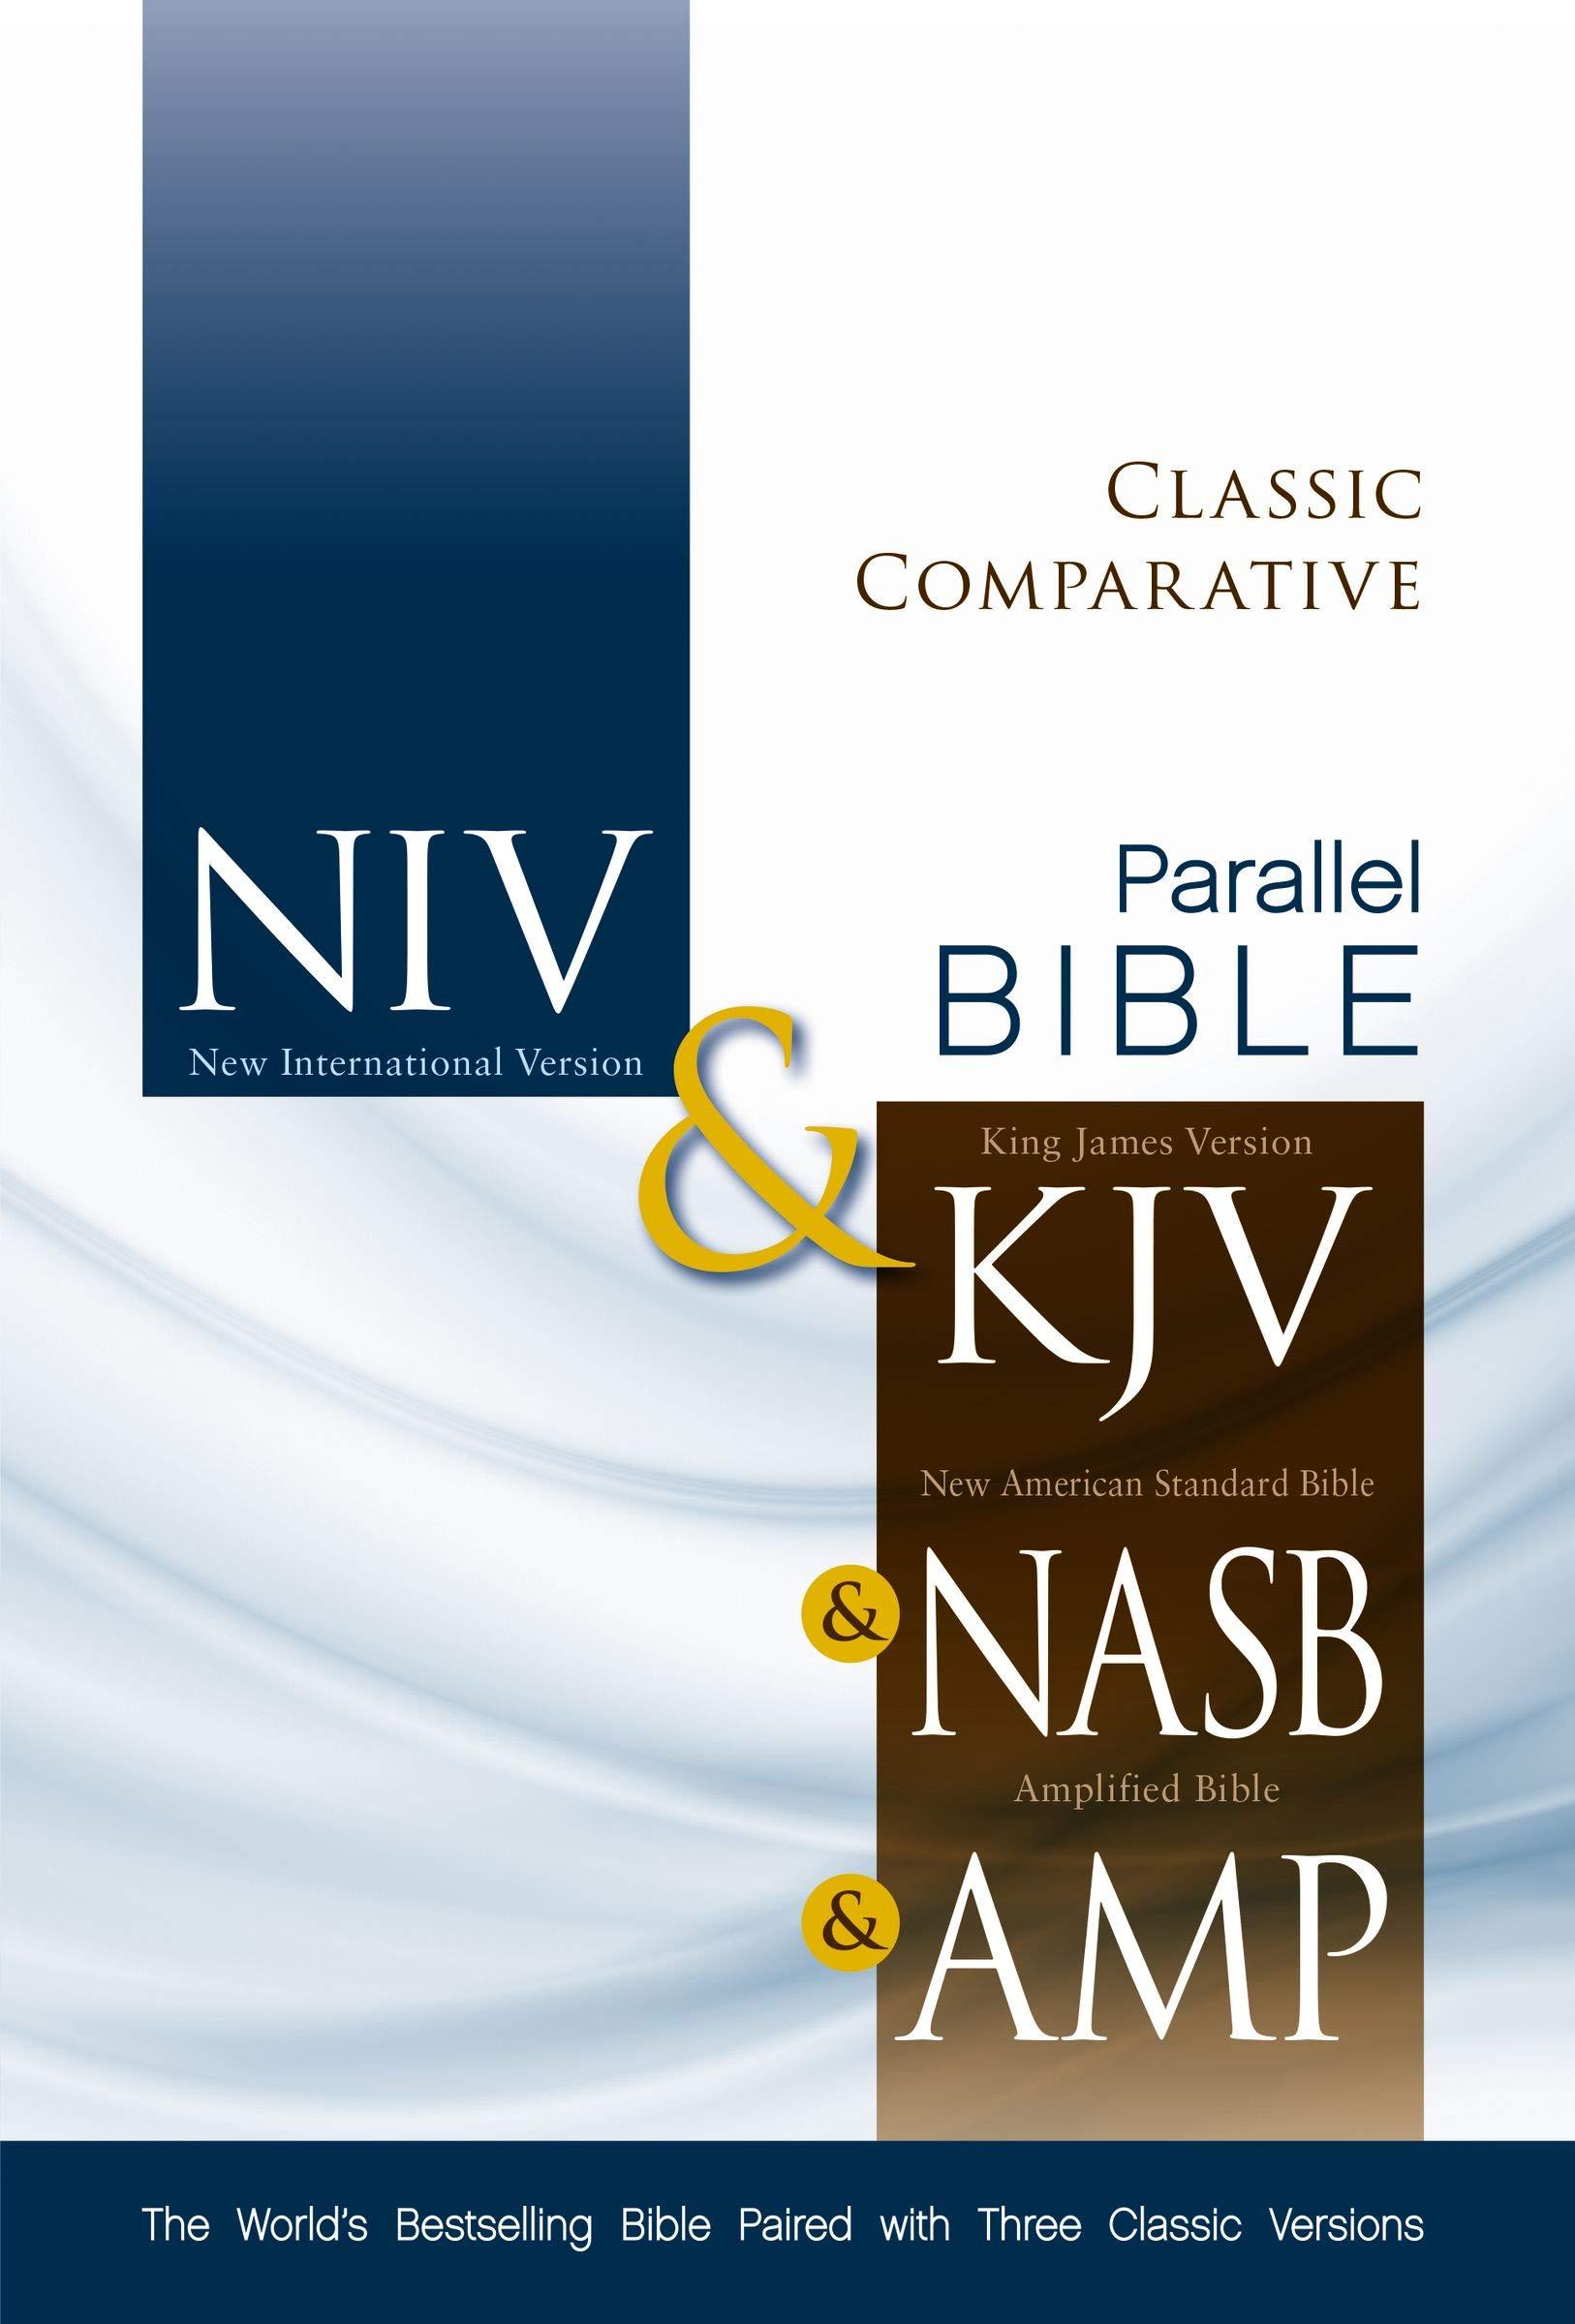 NIV, KJV, NASB, Amplified, Classic Comparative Parallel